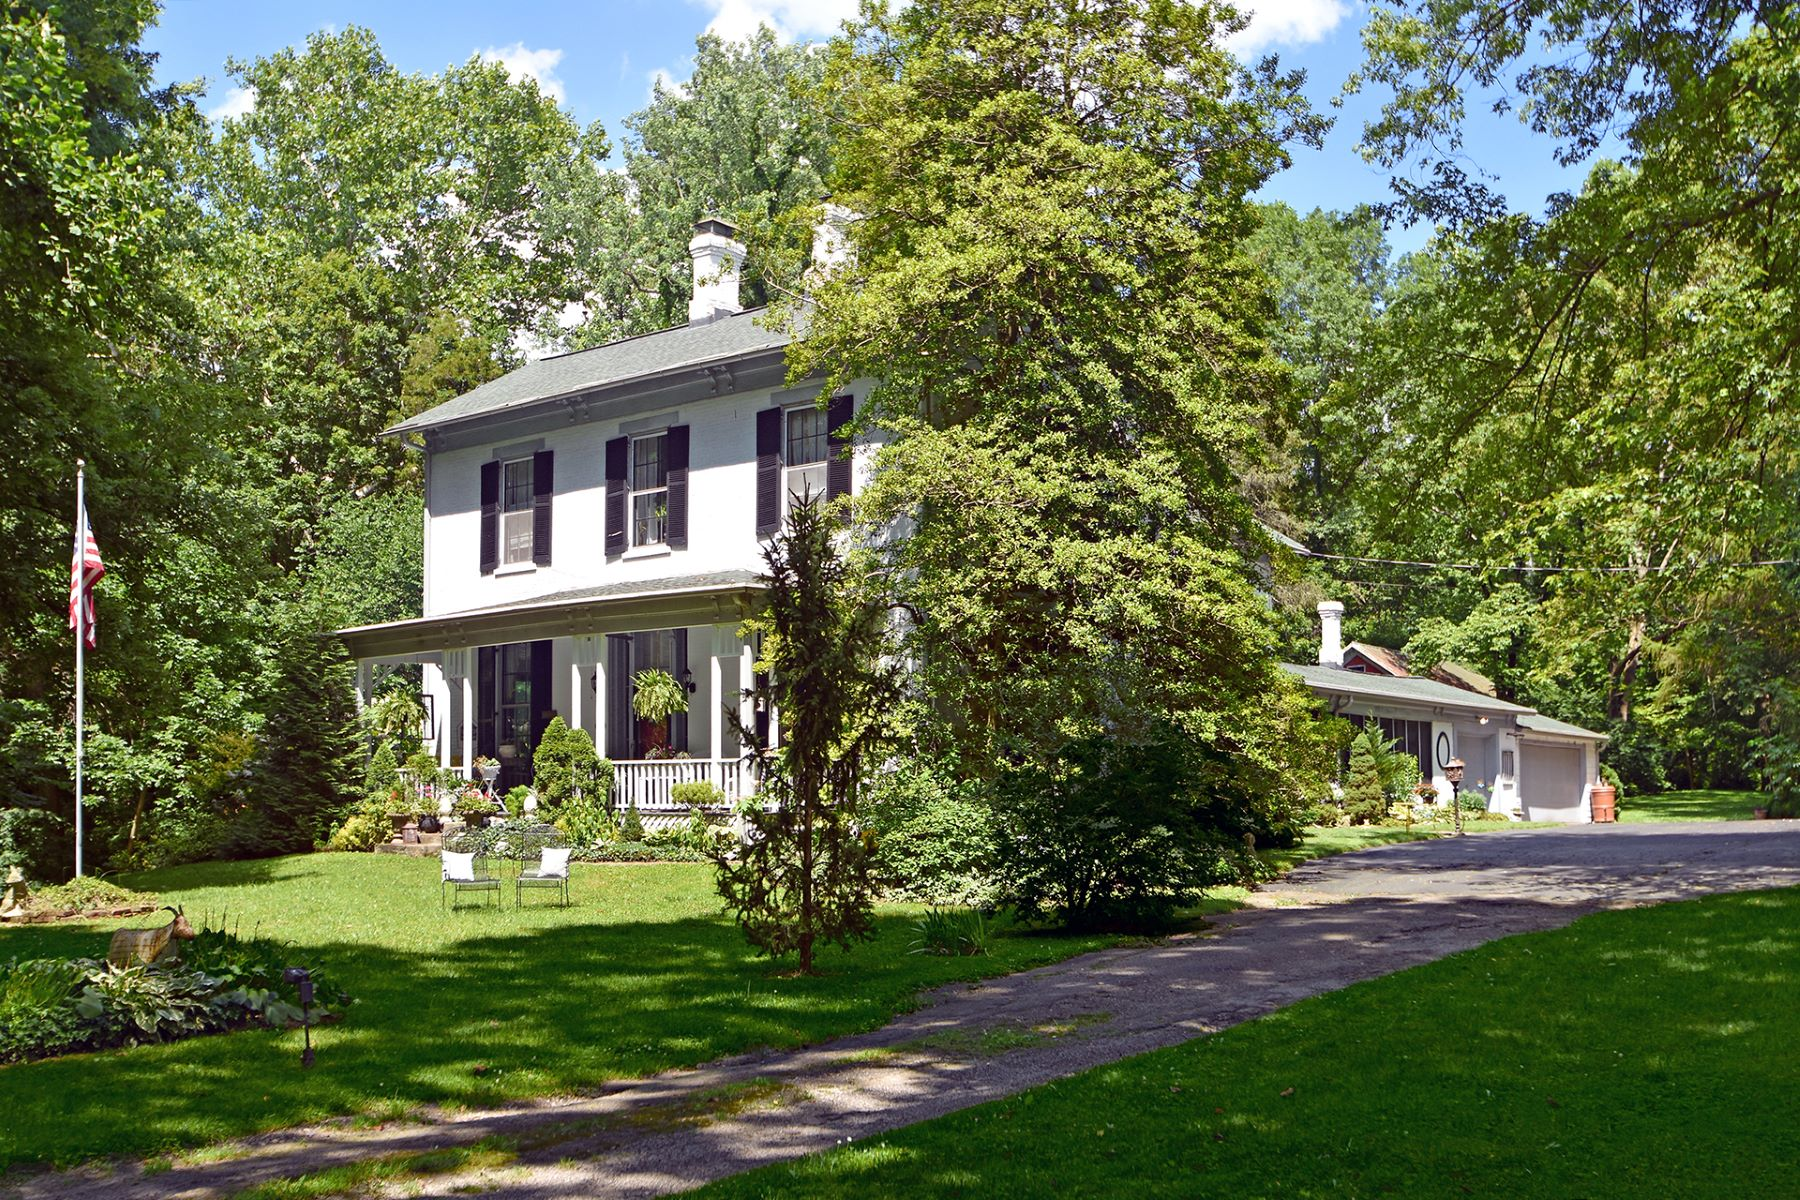 Single Family Homes für Verkauf beim 1861 Inn - The Penn Estate 300 N Riverside Dr, Cincinnati, Ohio 45103 Vereinigte Staaten